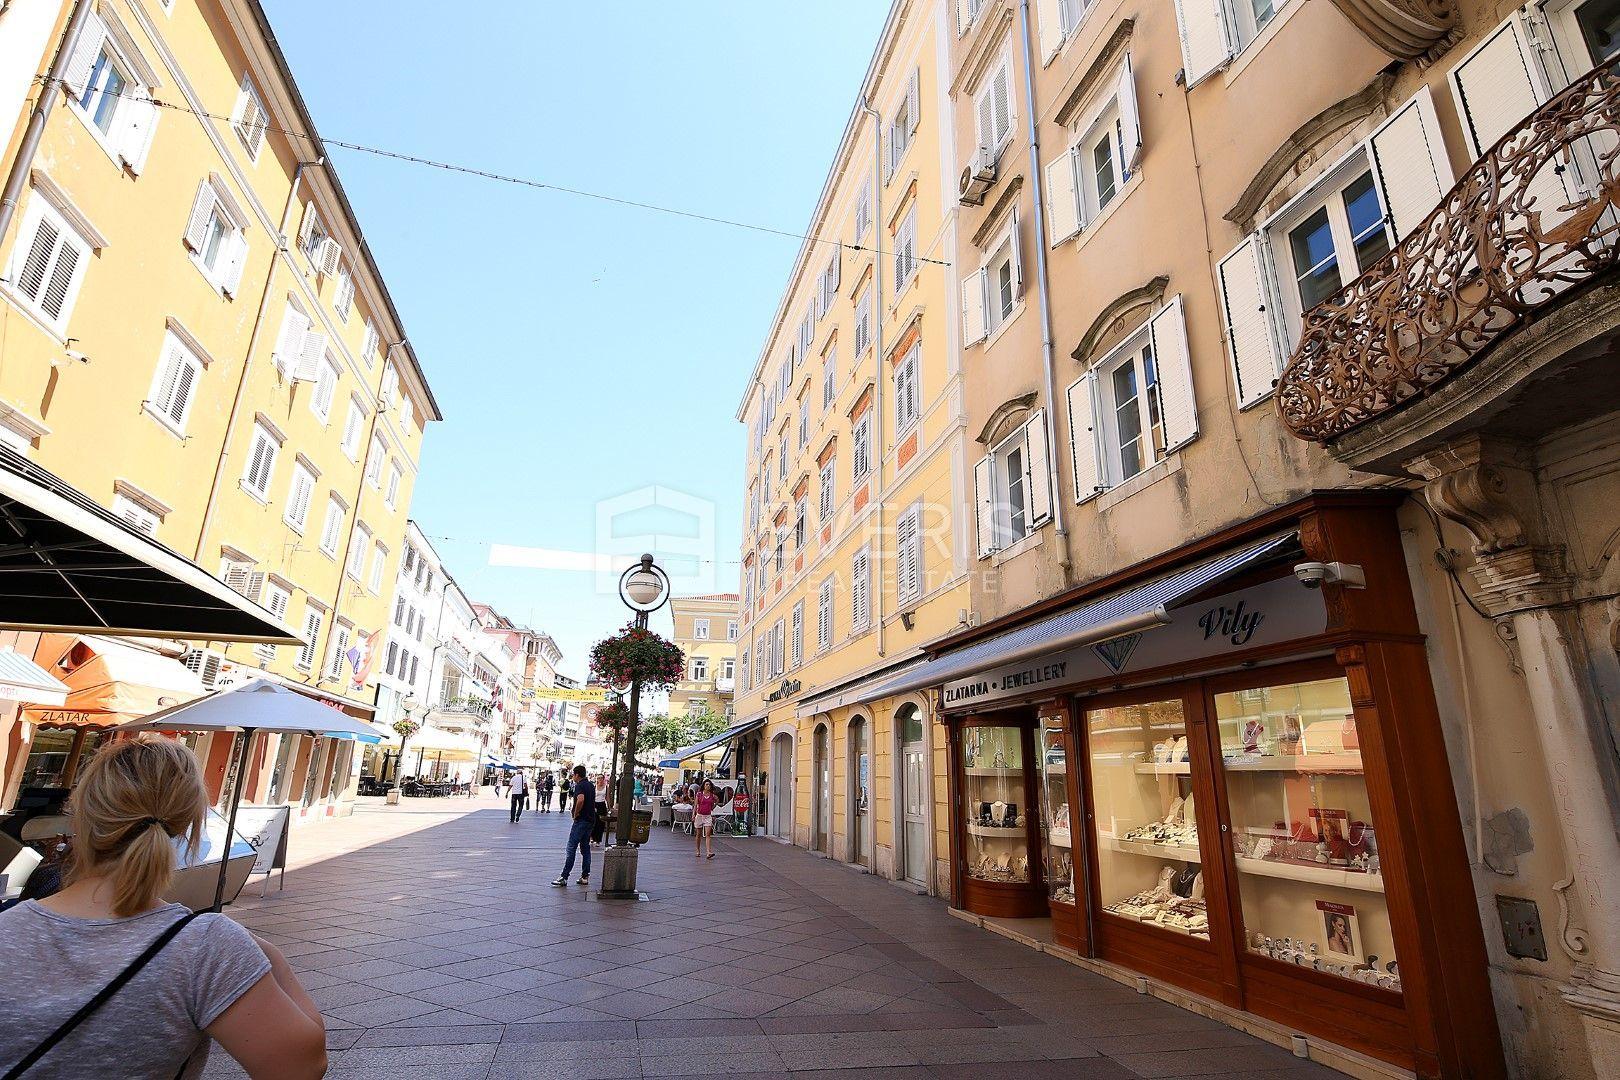 Rijeka, centar - Korzo, 2s+db, 80 m2